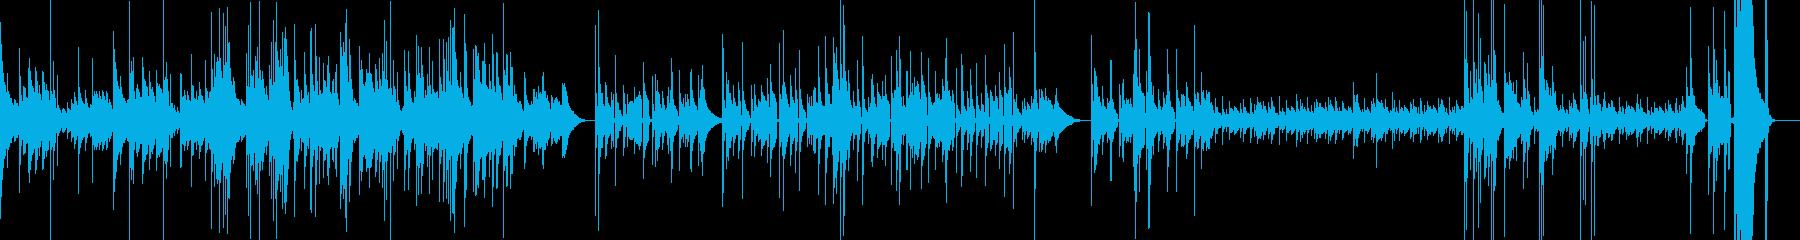 感動的なシーンなどに最適な楽曲ですの再生済みの波形